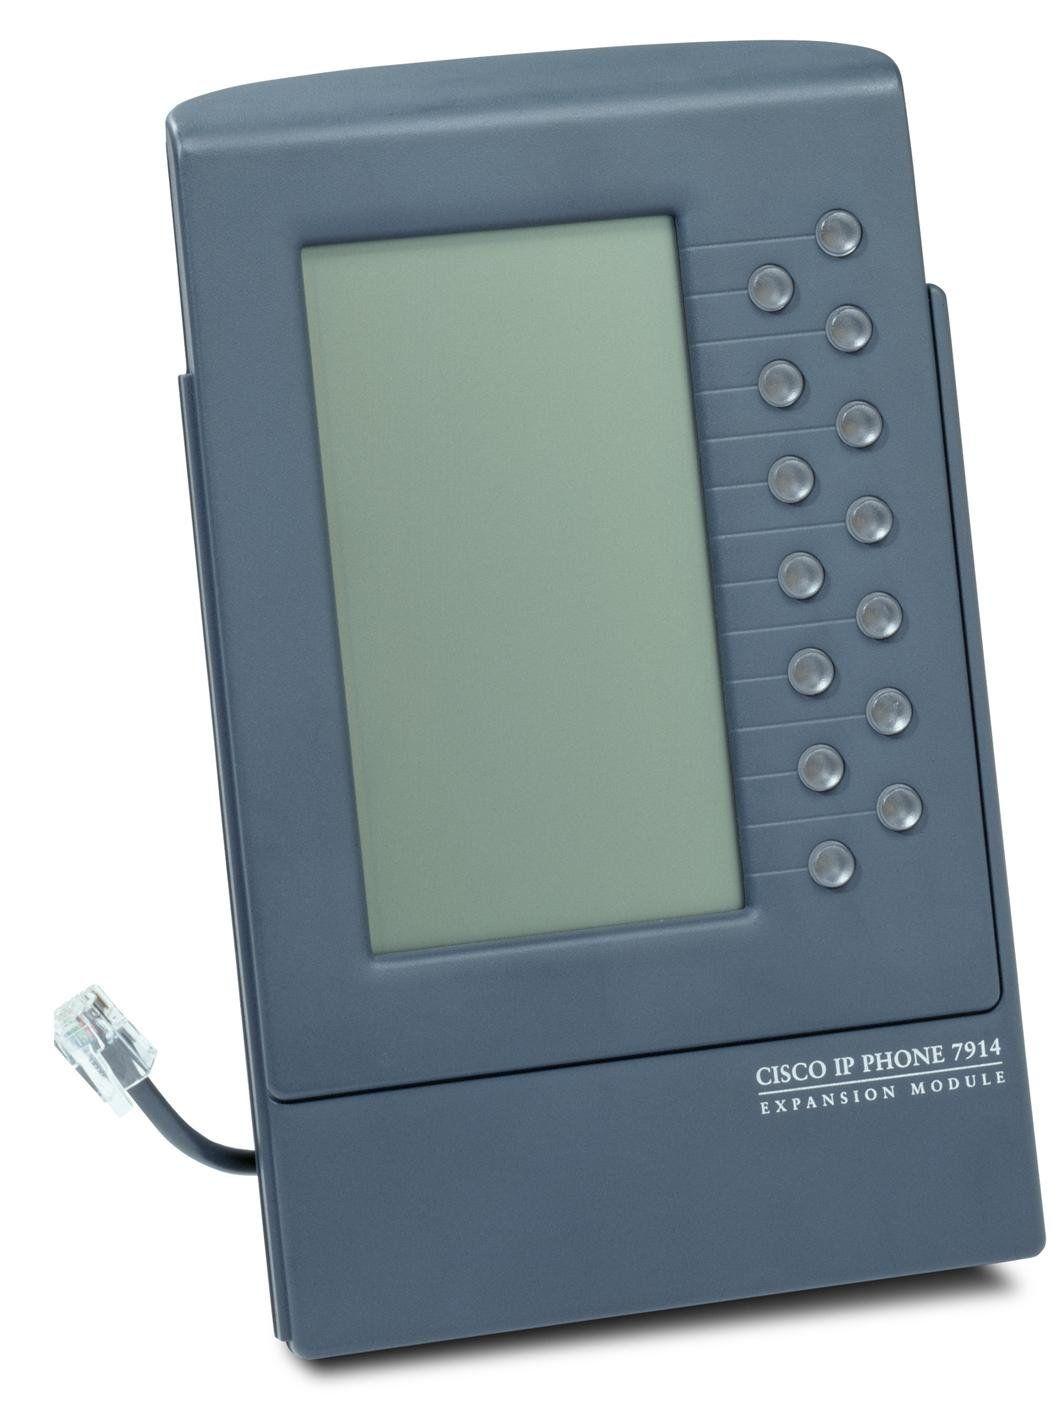 Аксессуары для телефонии Cisco - купить в интернет-магазине